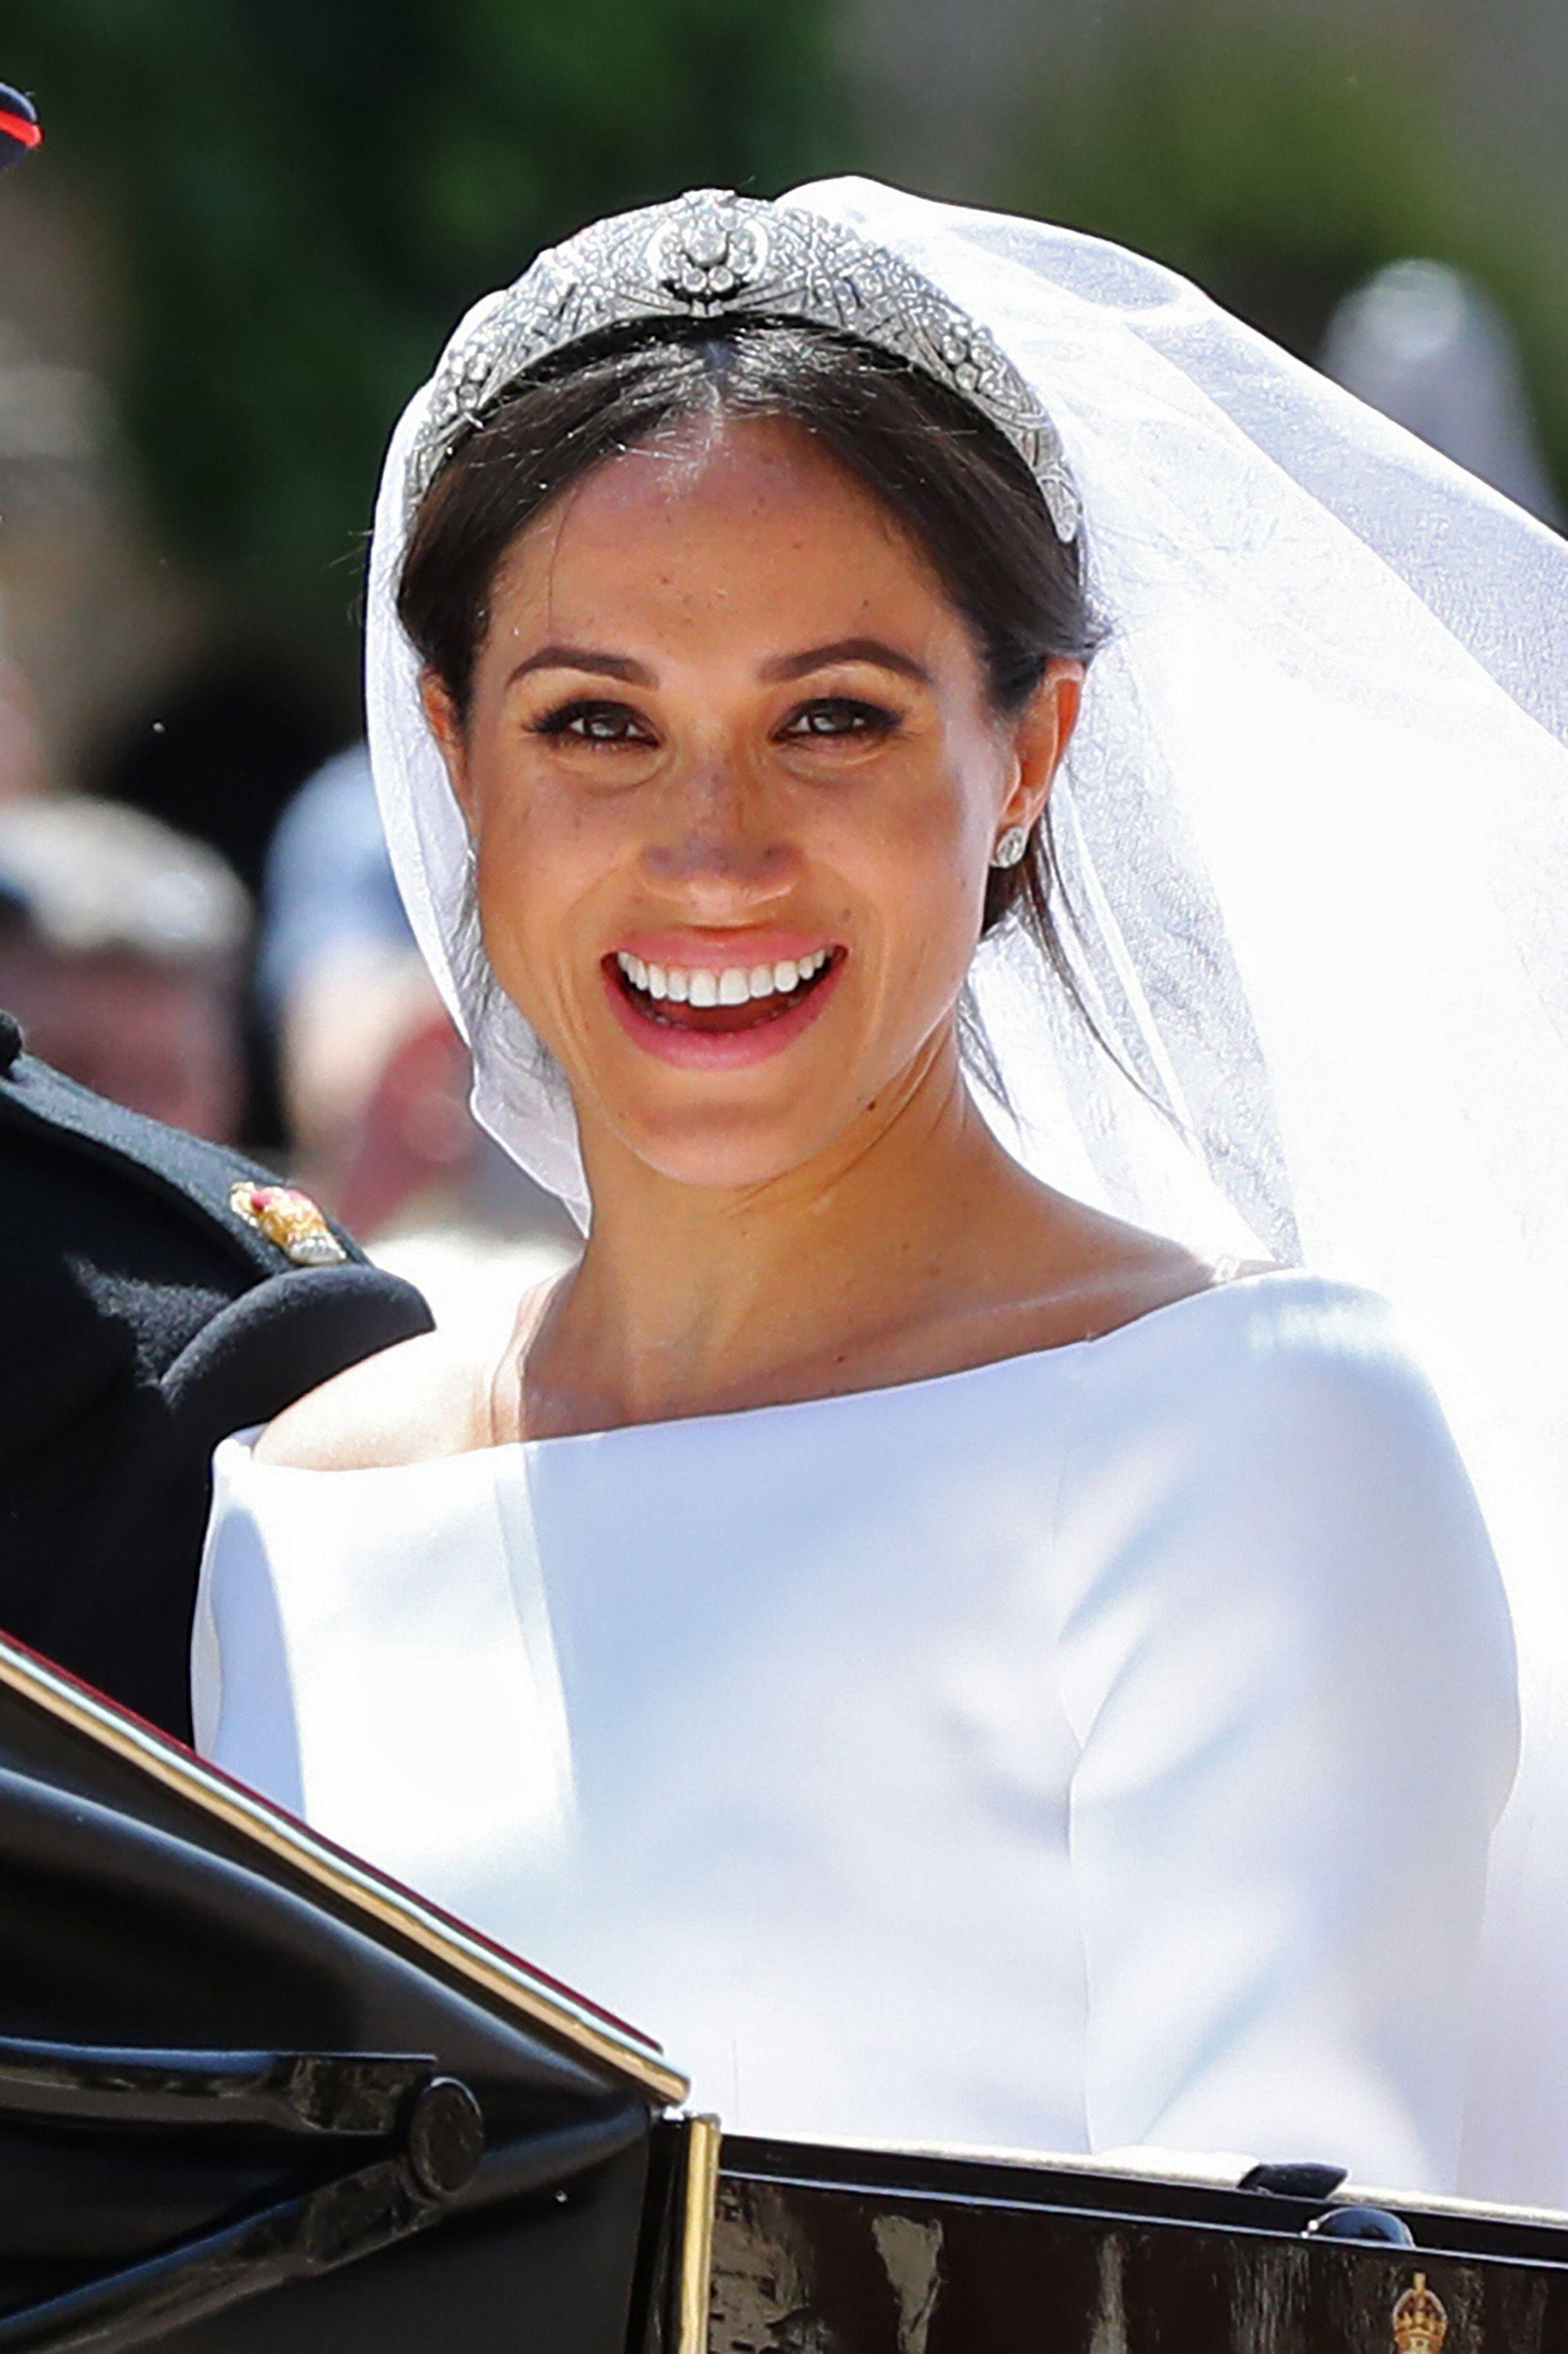 El día de la boda, Meghan lució la tiara que perteneció a la reina María, labrada en diamantes y platino. La pieza se remonta a 1938 y es parte de las joyas de la familia real británica (AFP)